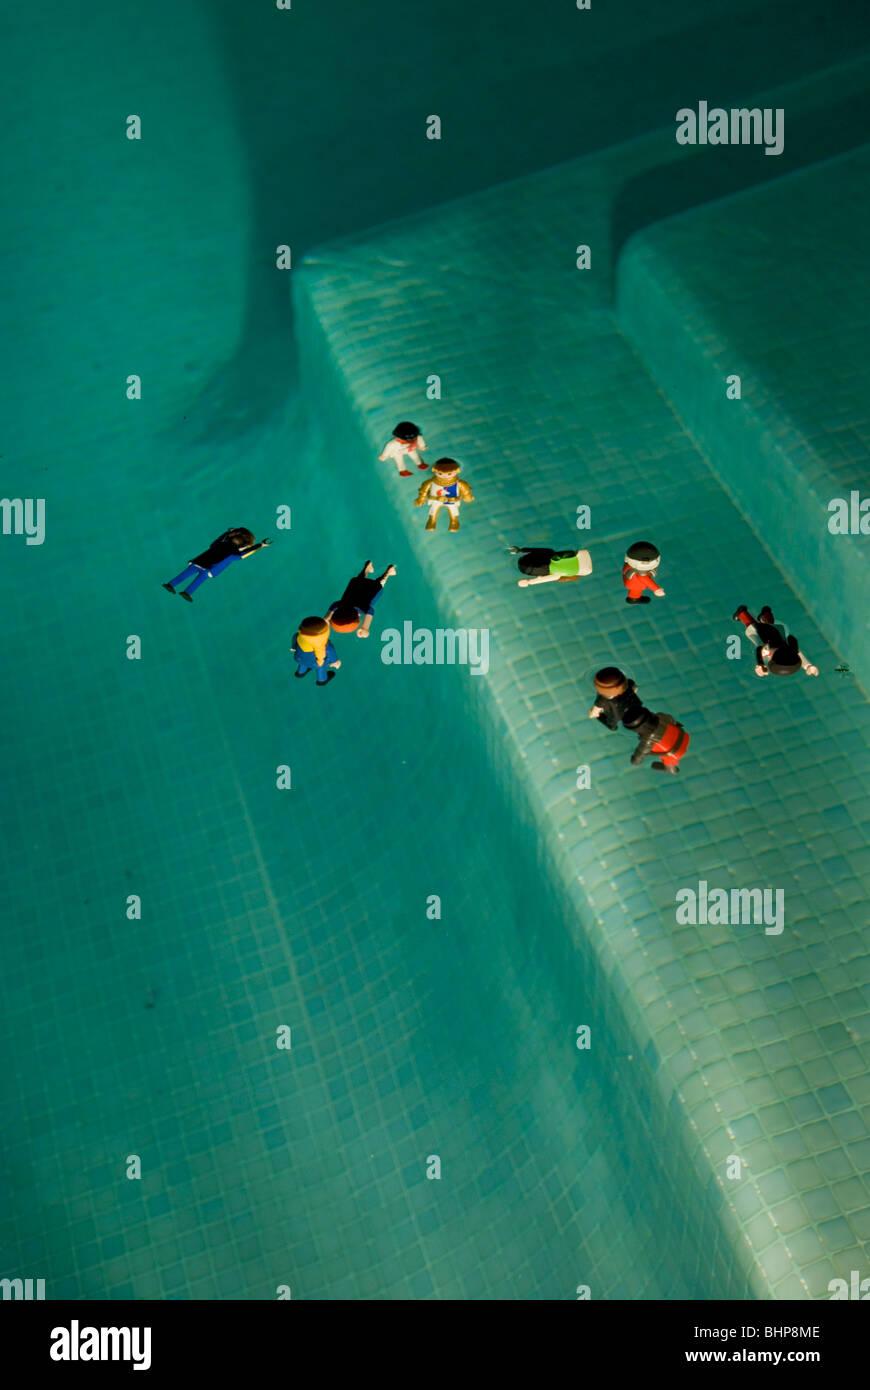 Mirando las cifras de juguete iluminado flotando en la piscina por la noche Imagen De Stock